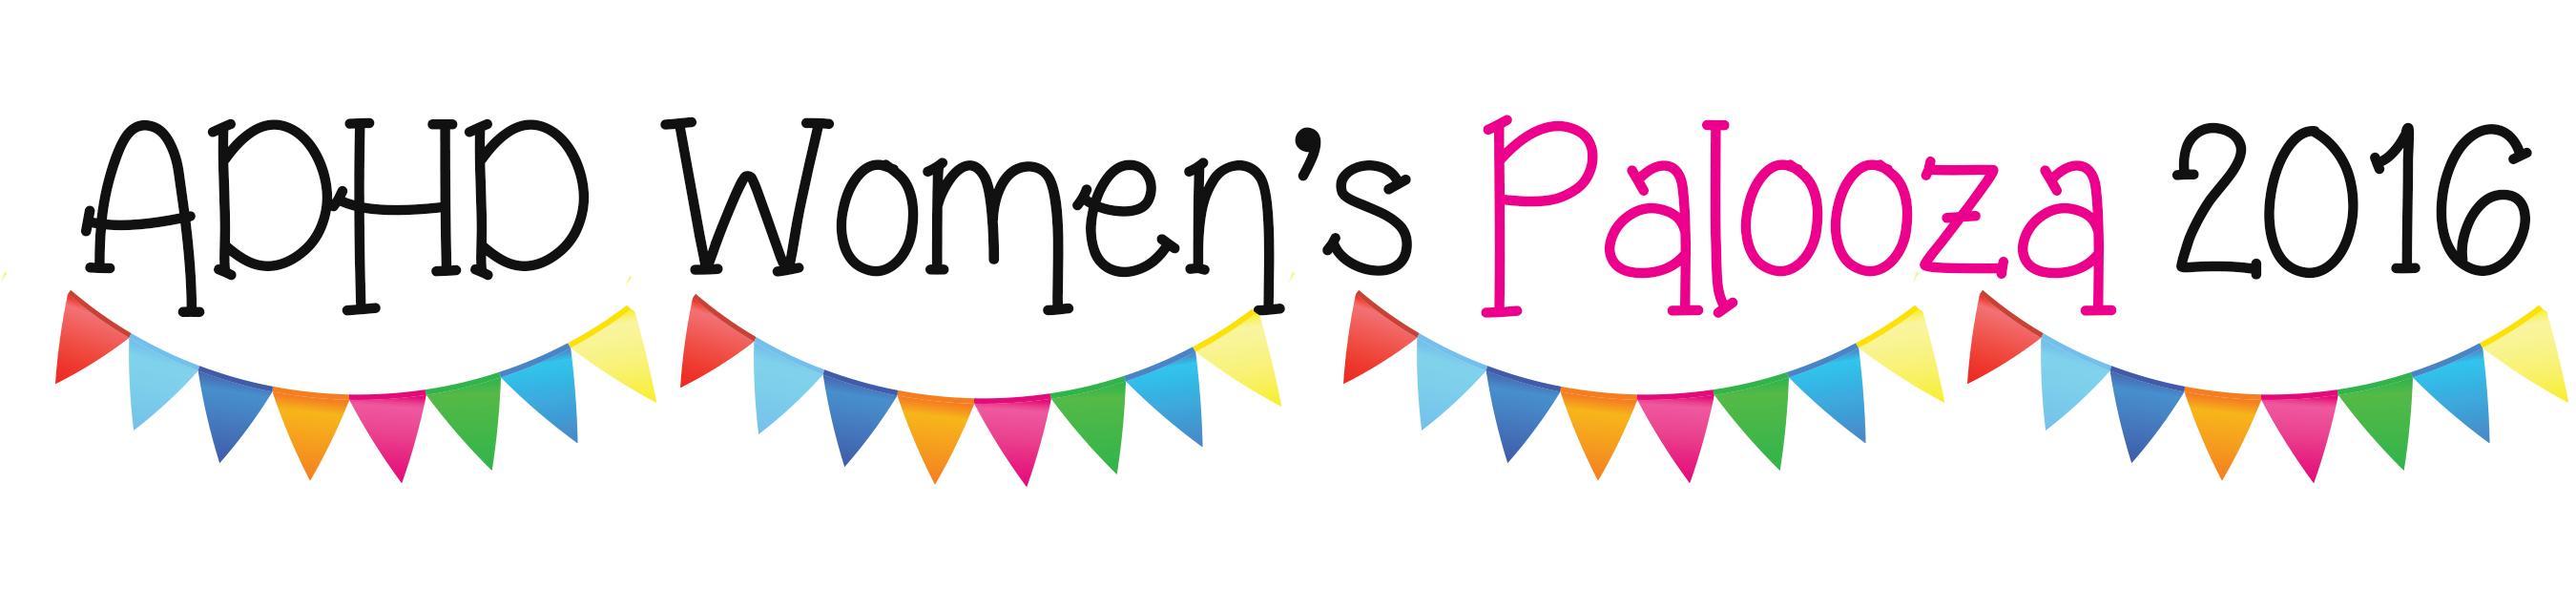 adhd womens palooza 2016 logo